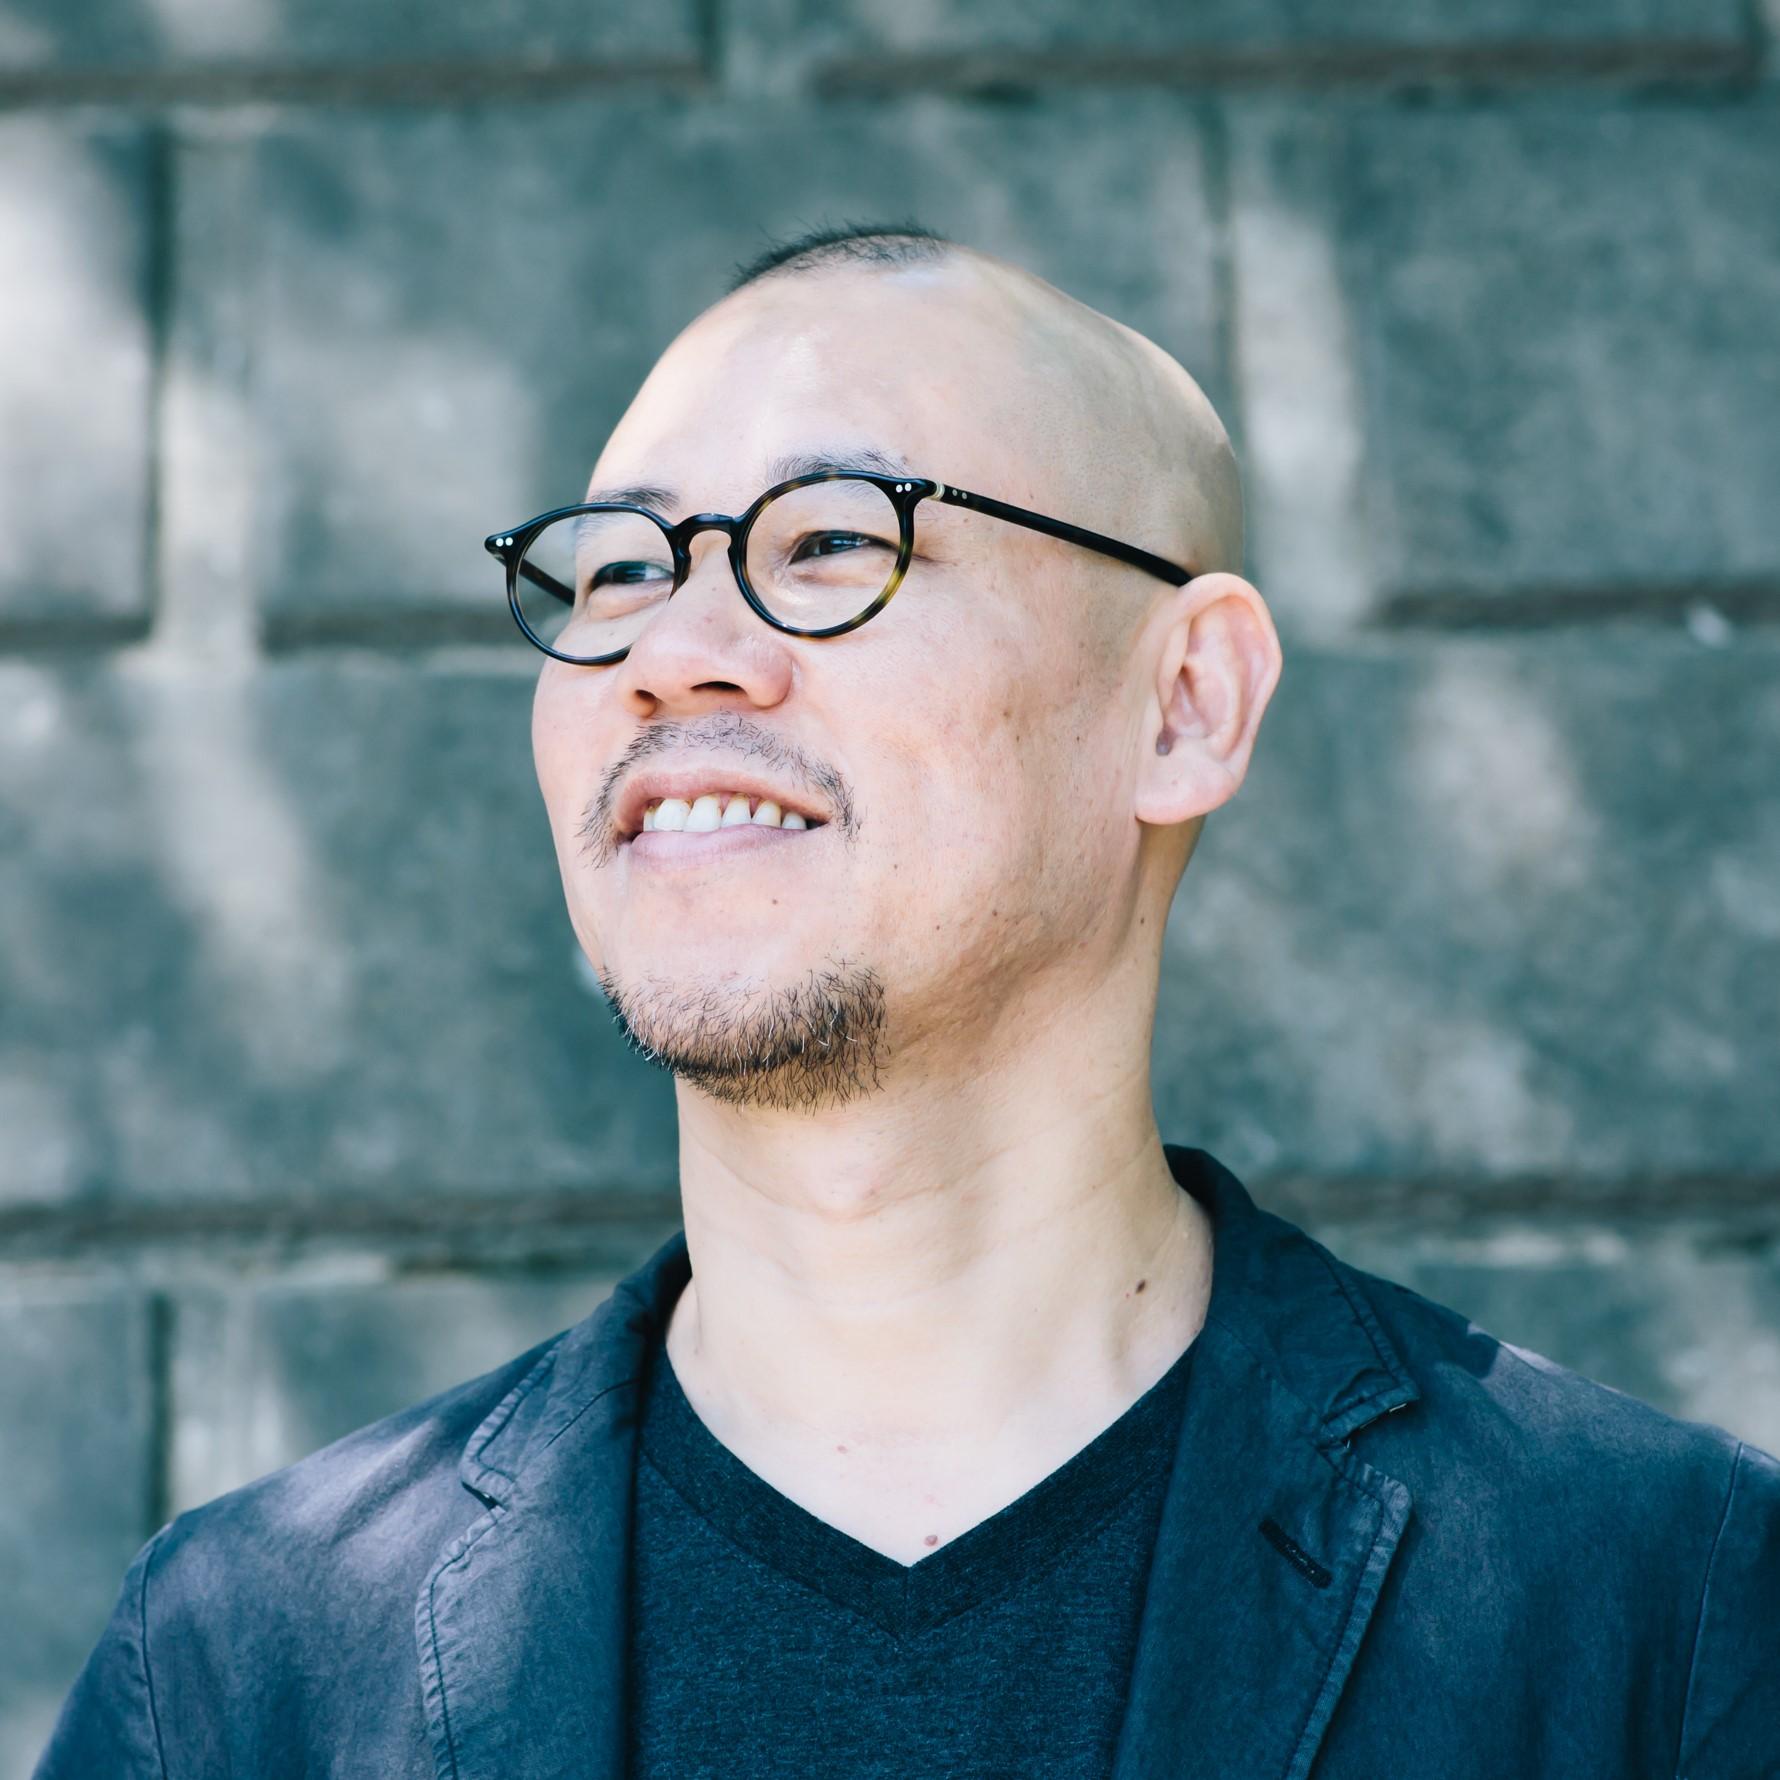 Yoji Nagahama